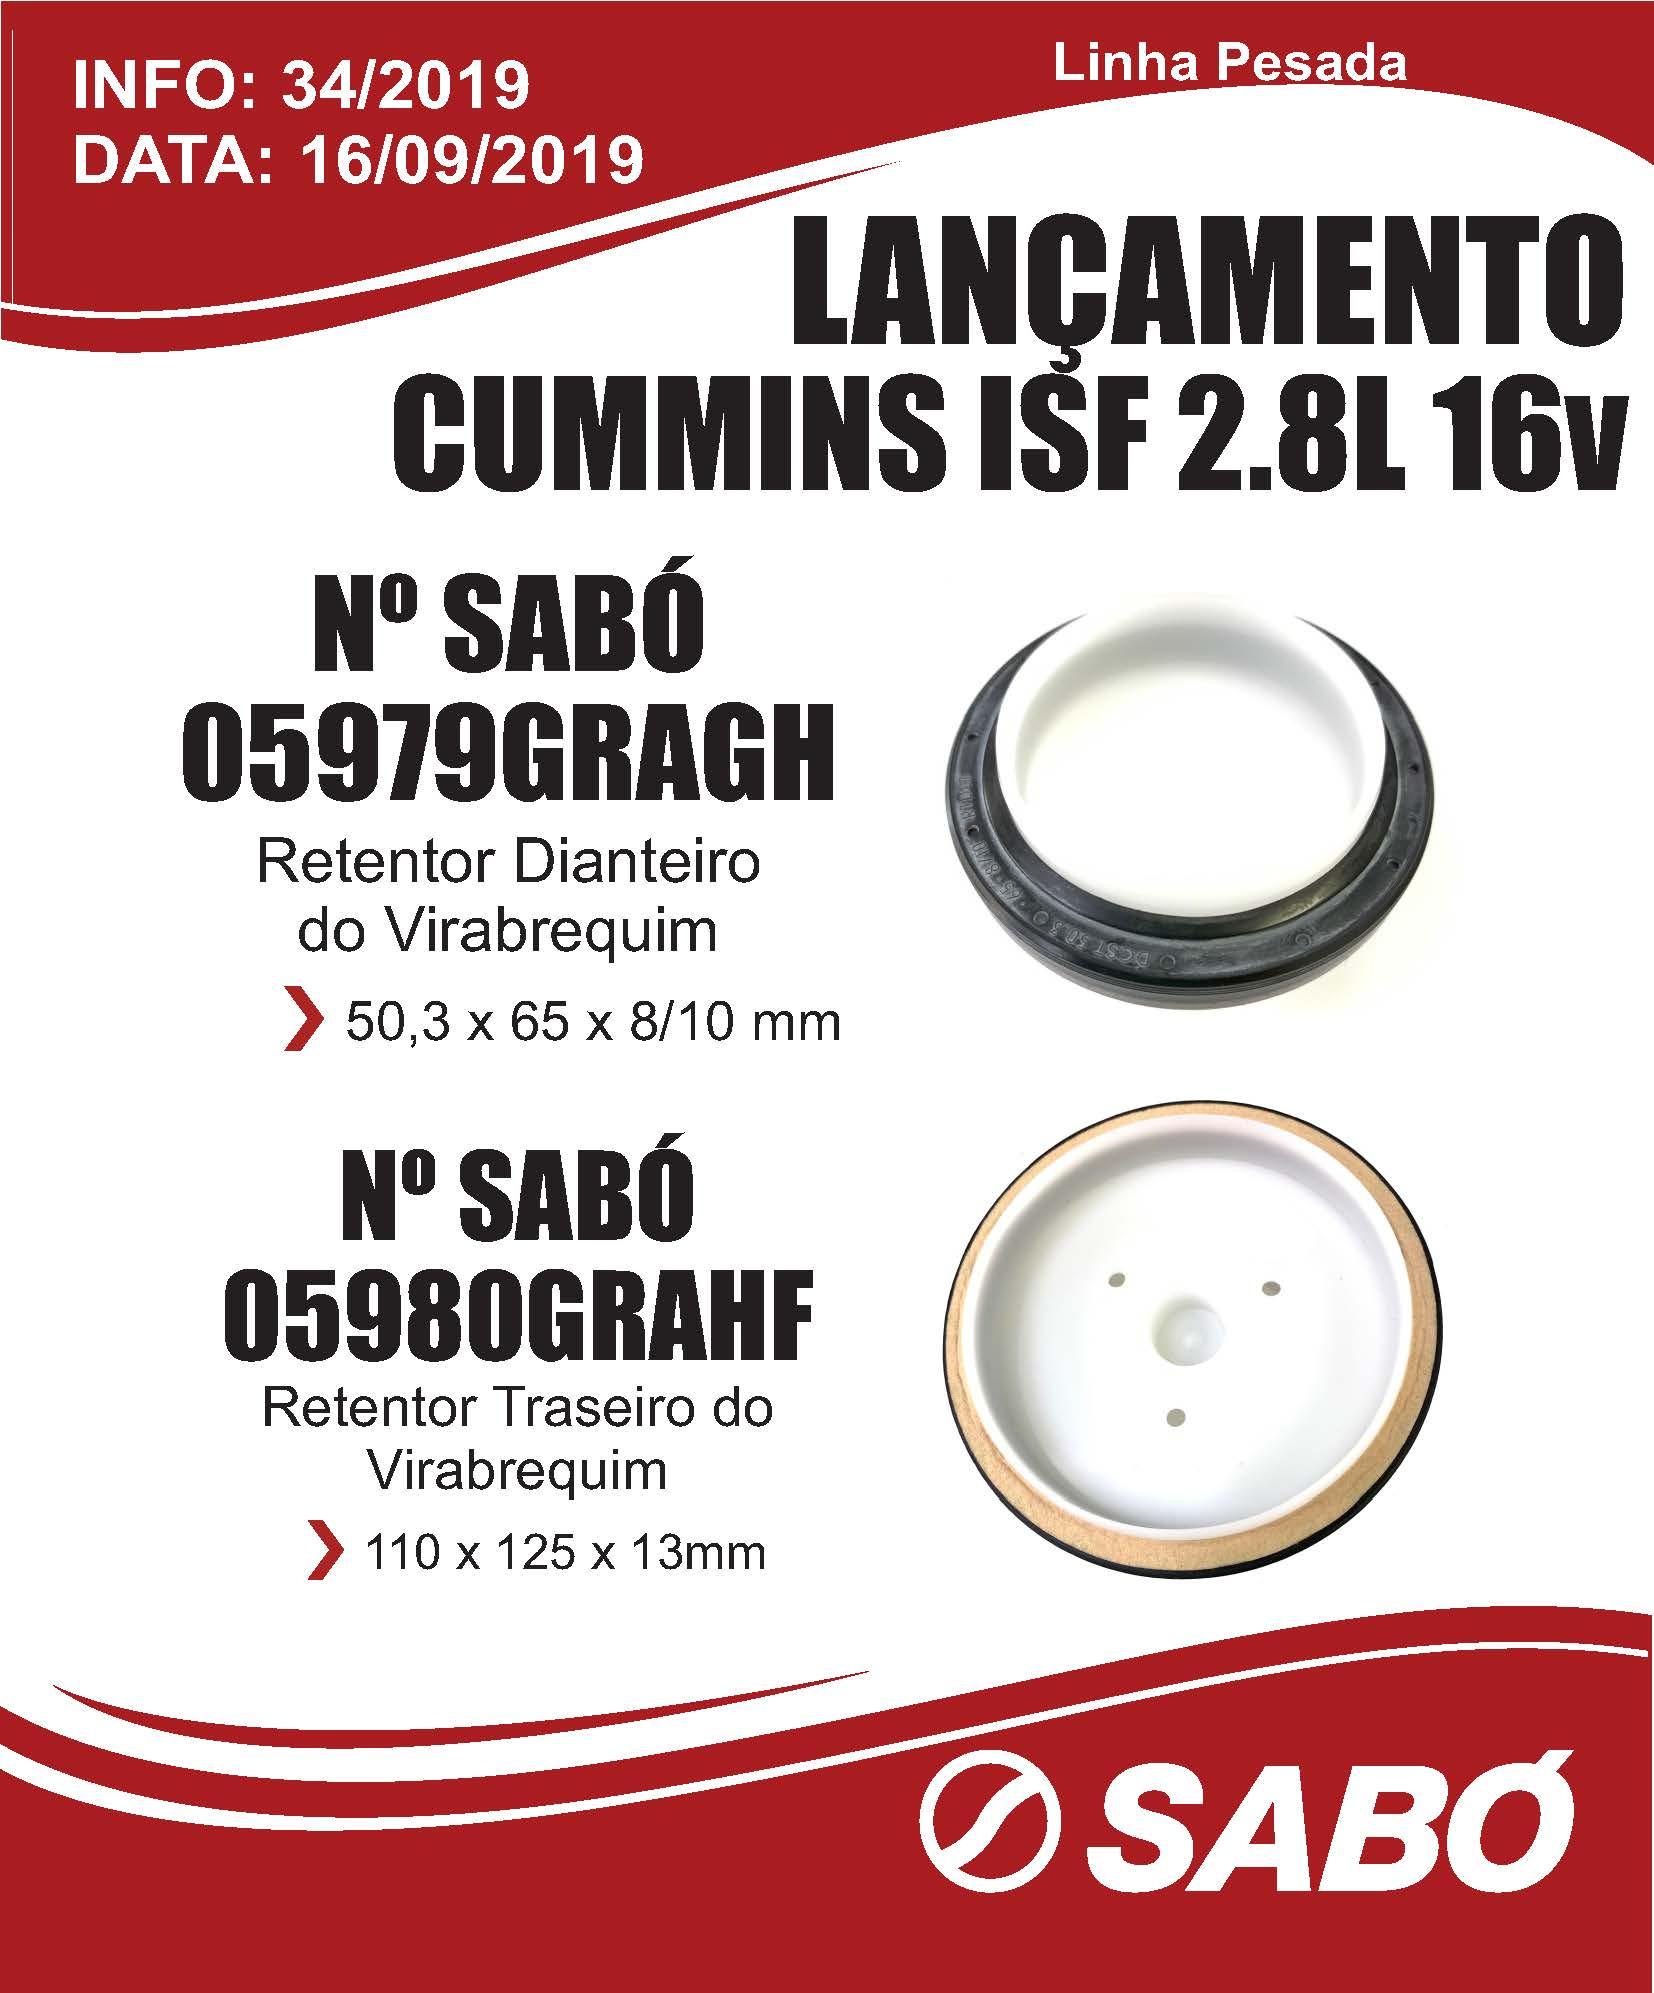 Lancamento_Cummins_ISF_2.8L_16v